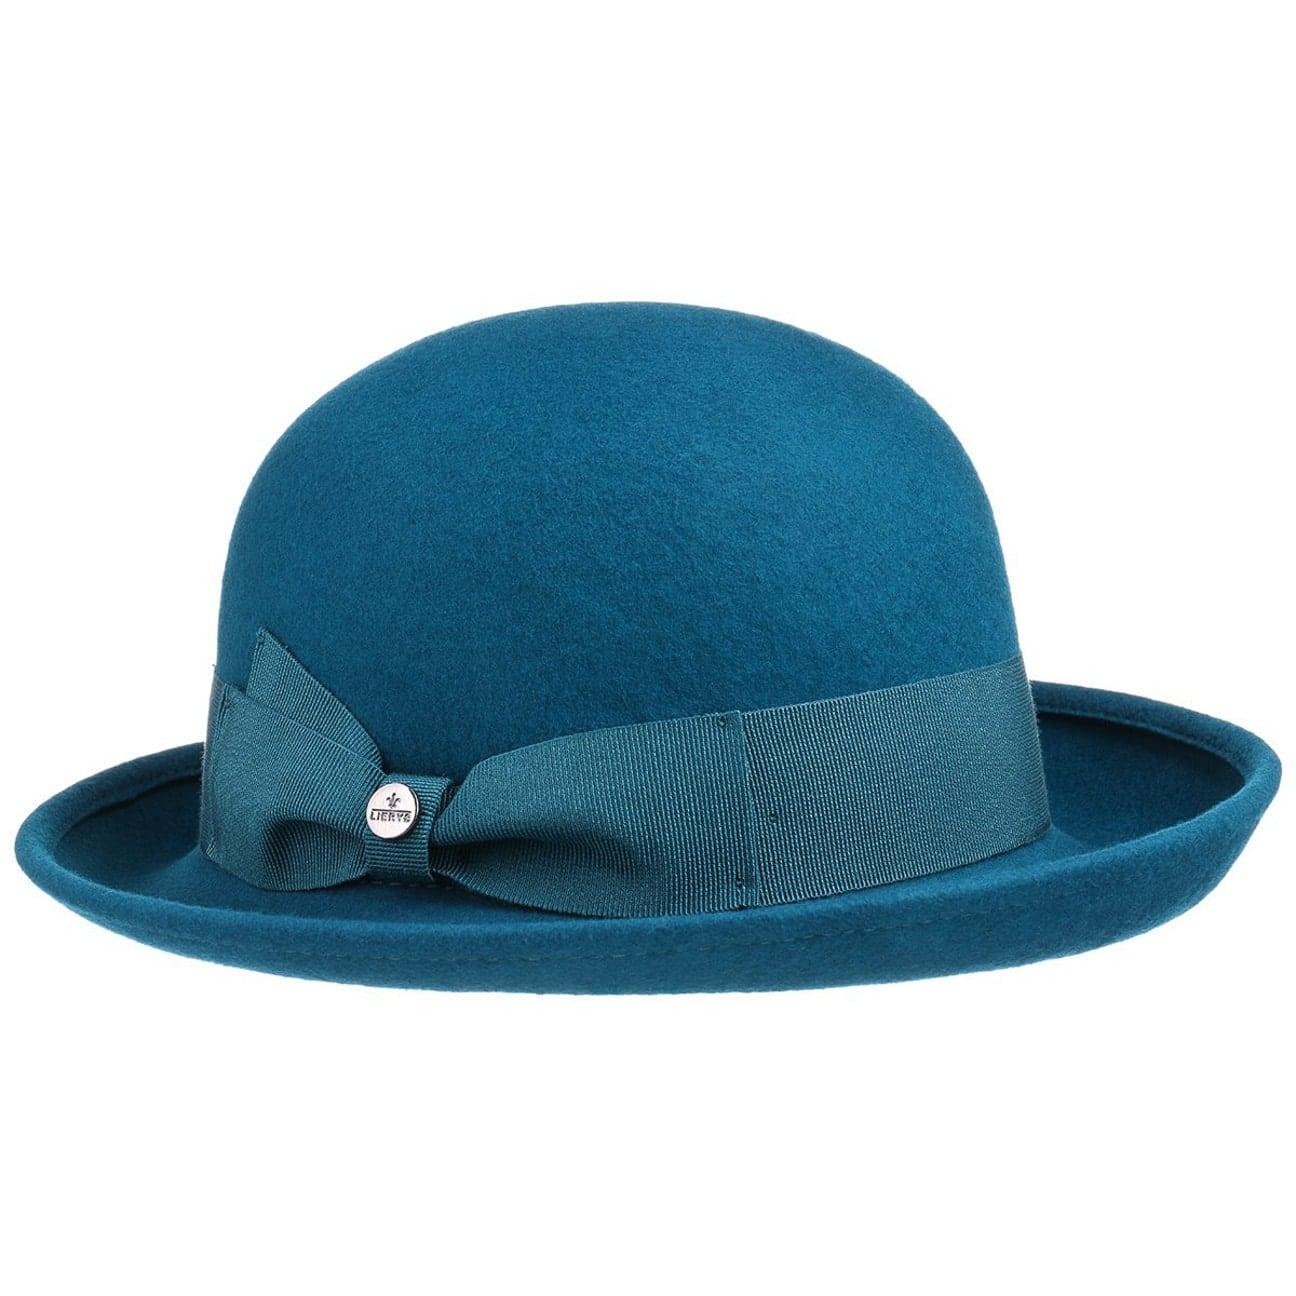 Bombín de Mujer Lamisa by Lierys - Sombreros - sombreroshop.es 759f0dd8507